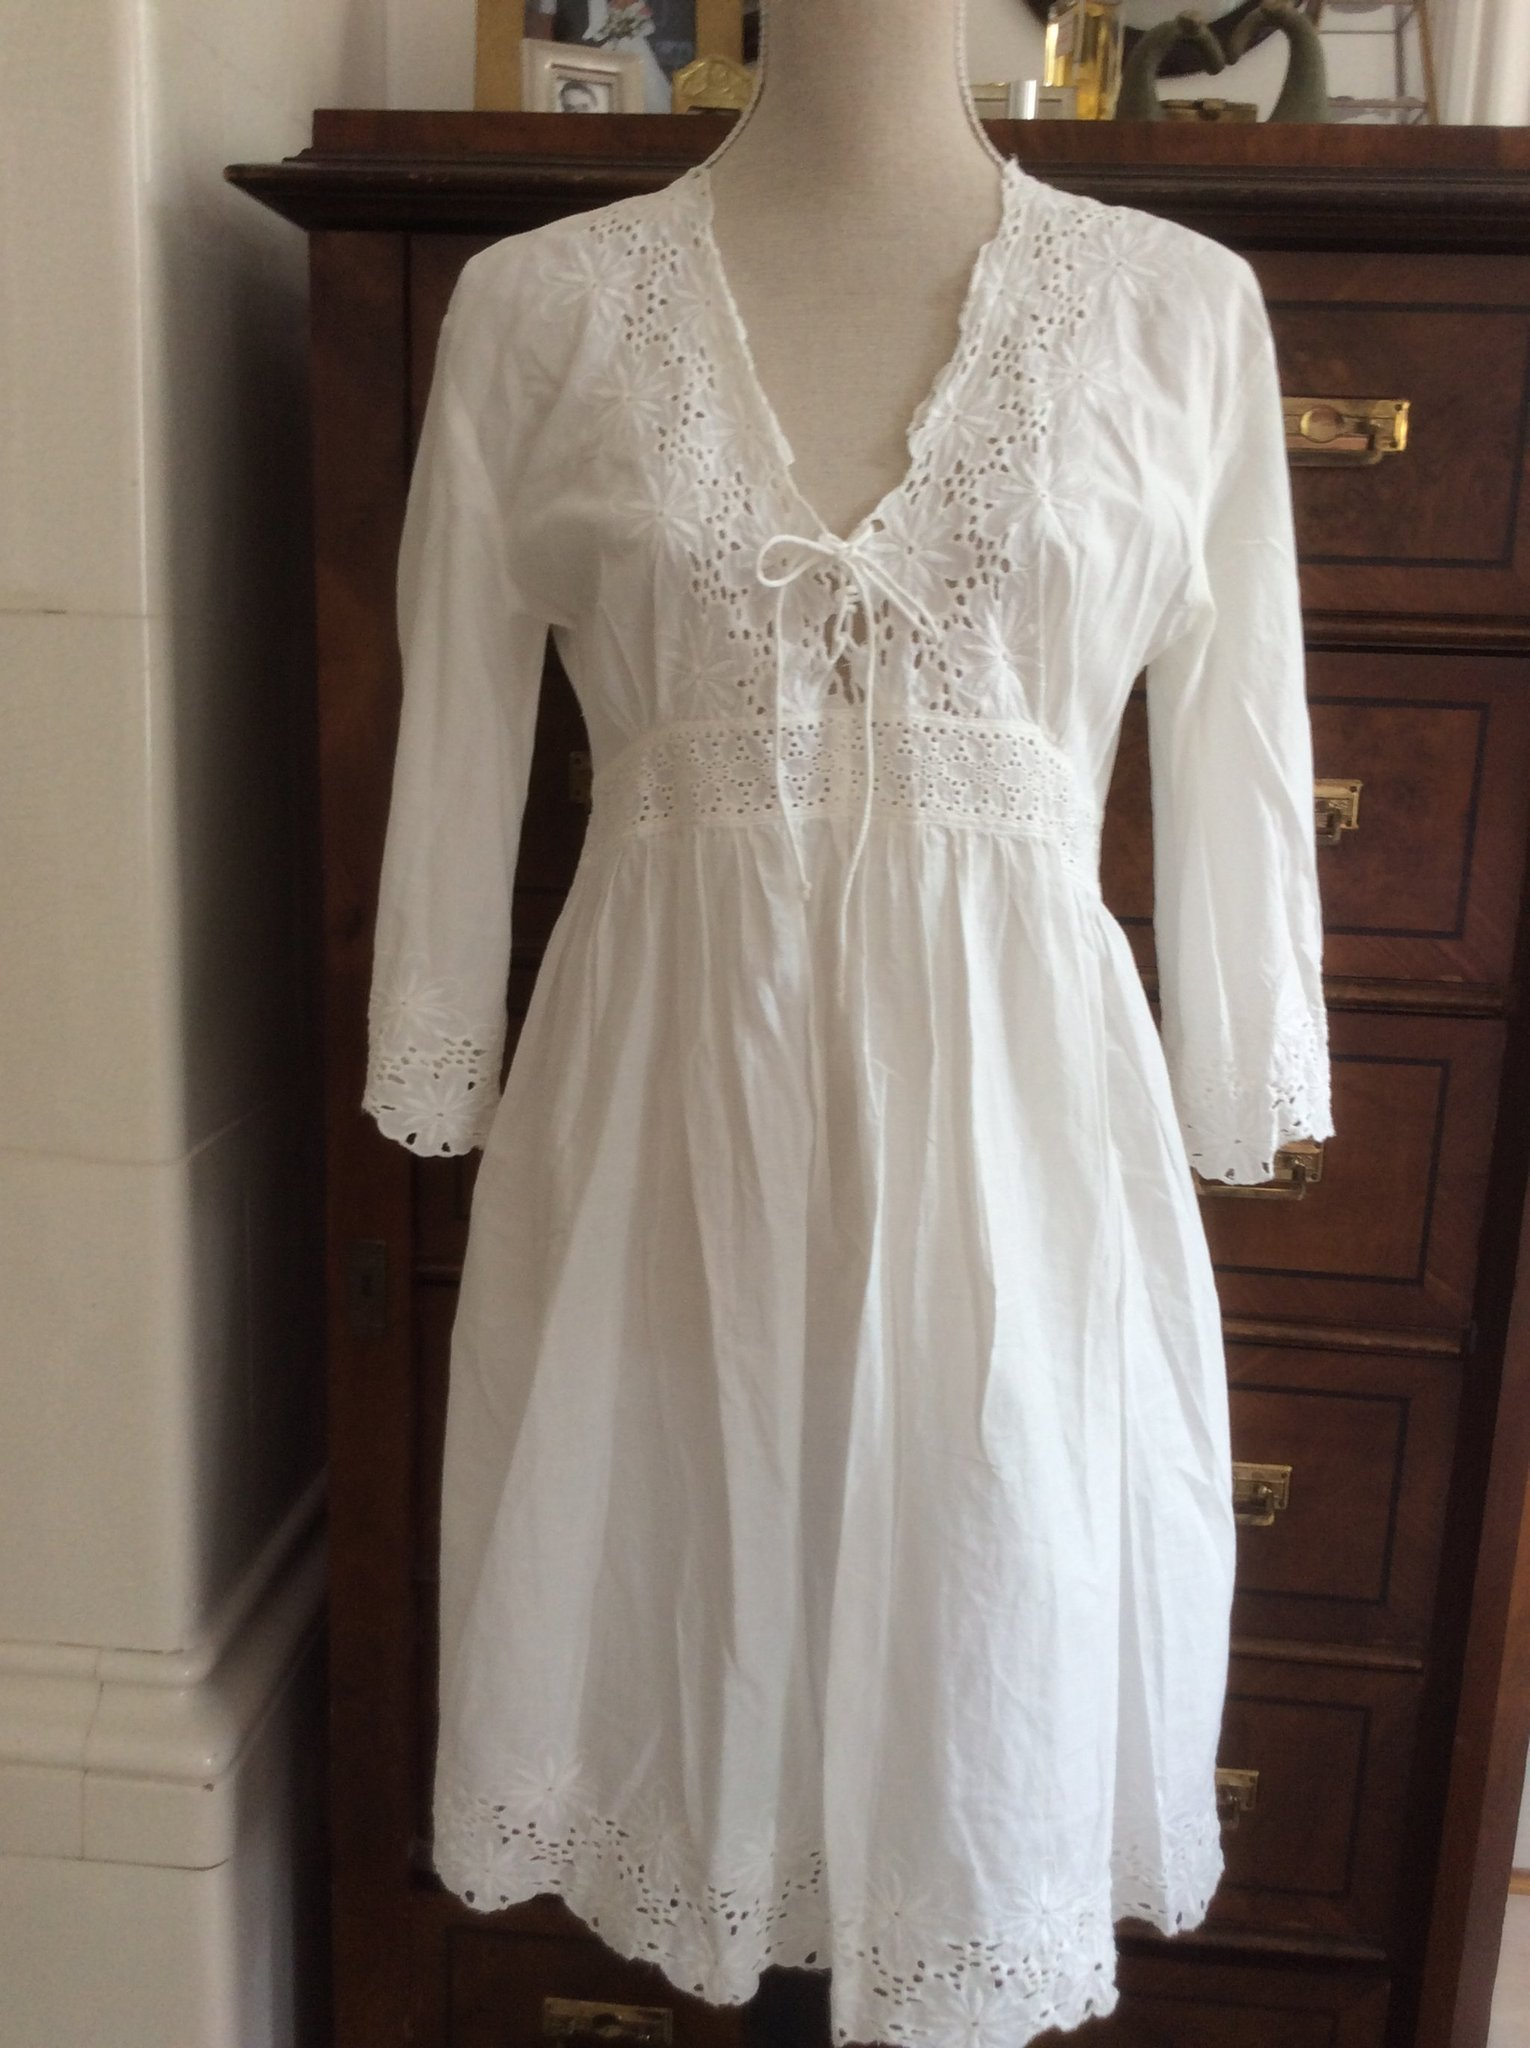 72f07d3716aa Nolita klänning,L,vit brodyr,spets,bomull,stude.. (354943134) ᐈ Köp ...